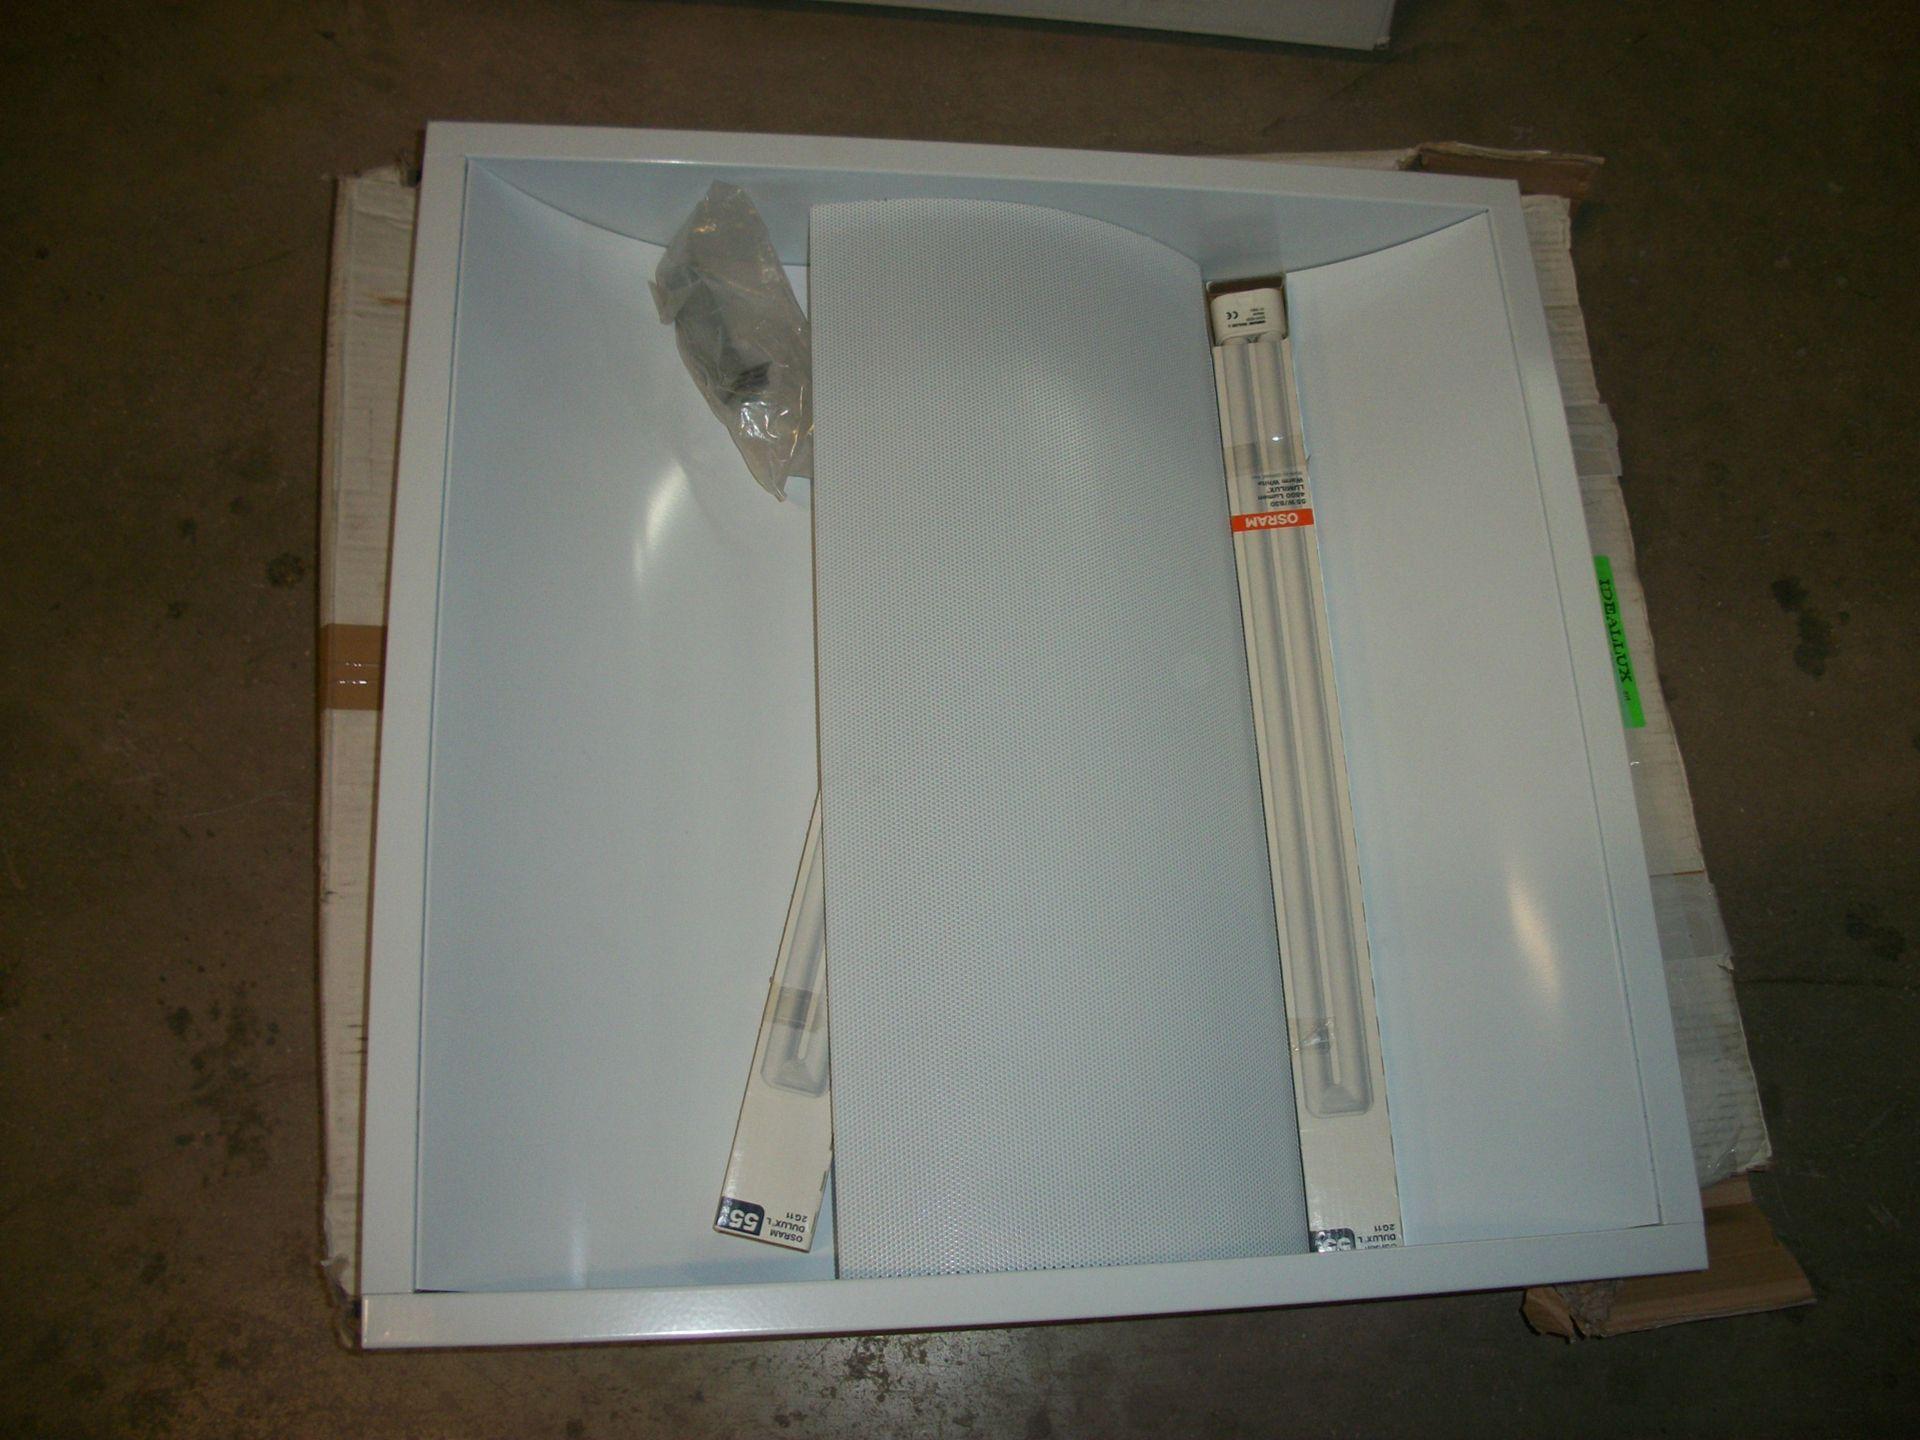 Plafoniere Da Incasso Per Controsoffitti : Plafoniera da incasso per controsoffitti in fibra bime ingrosso